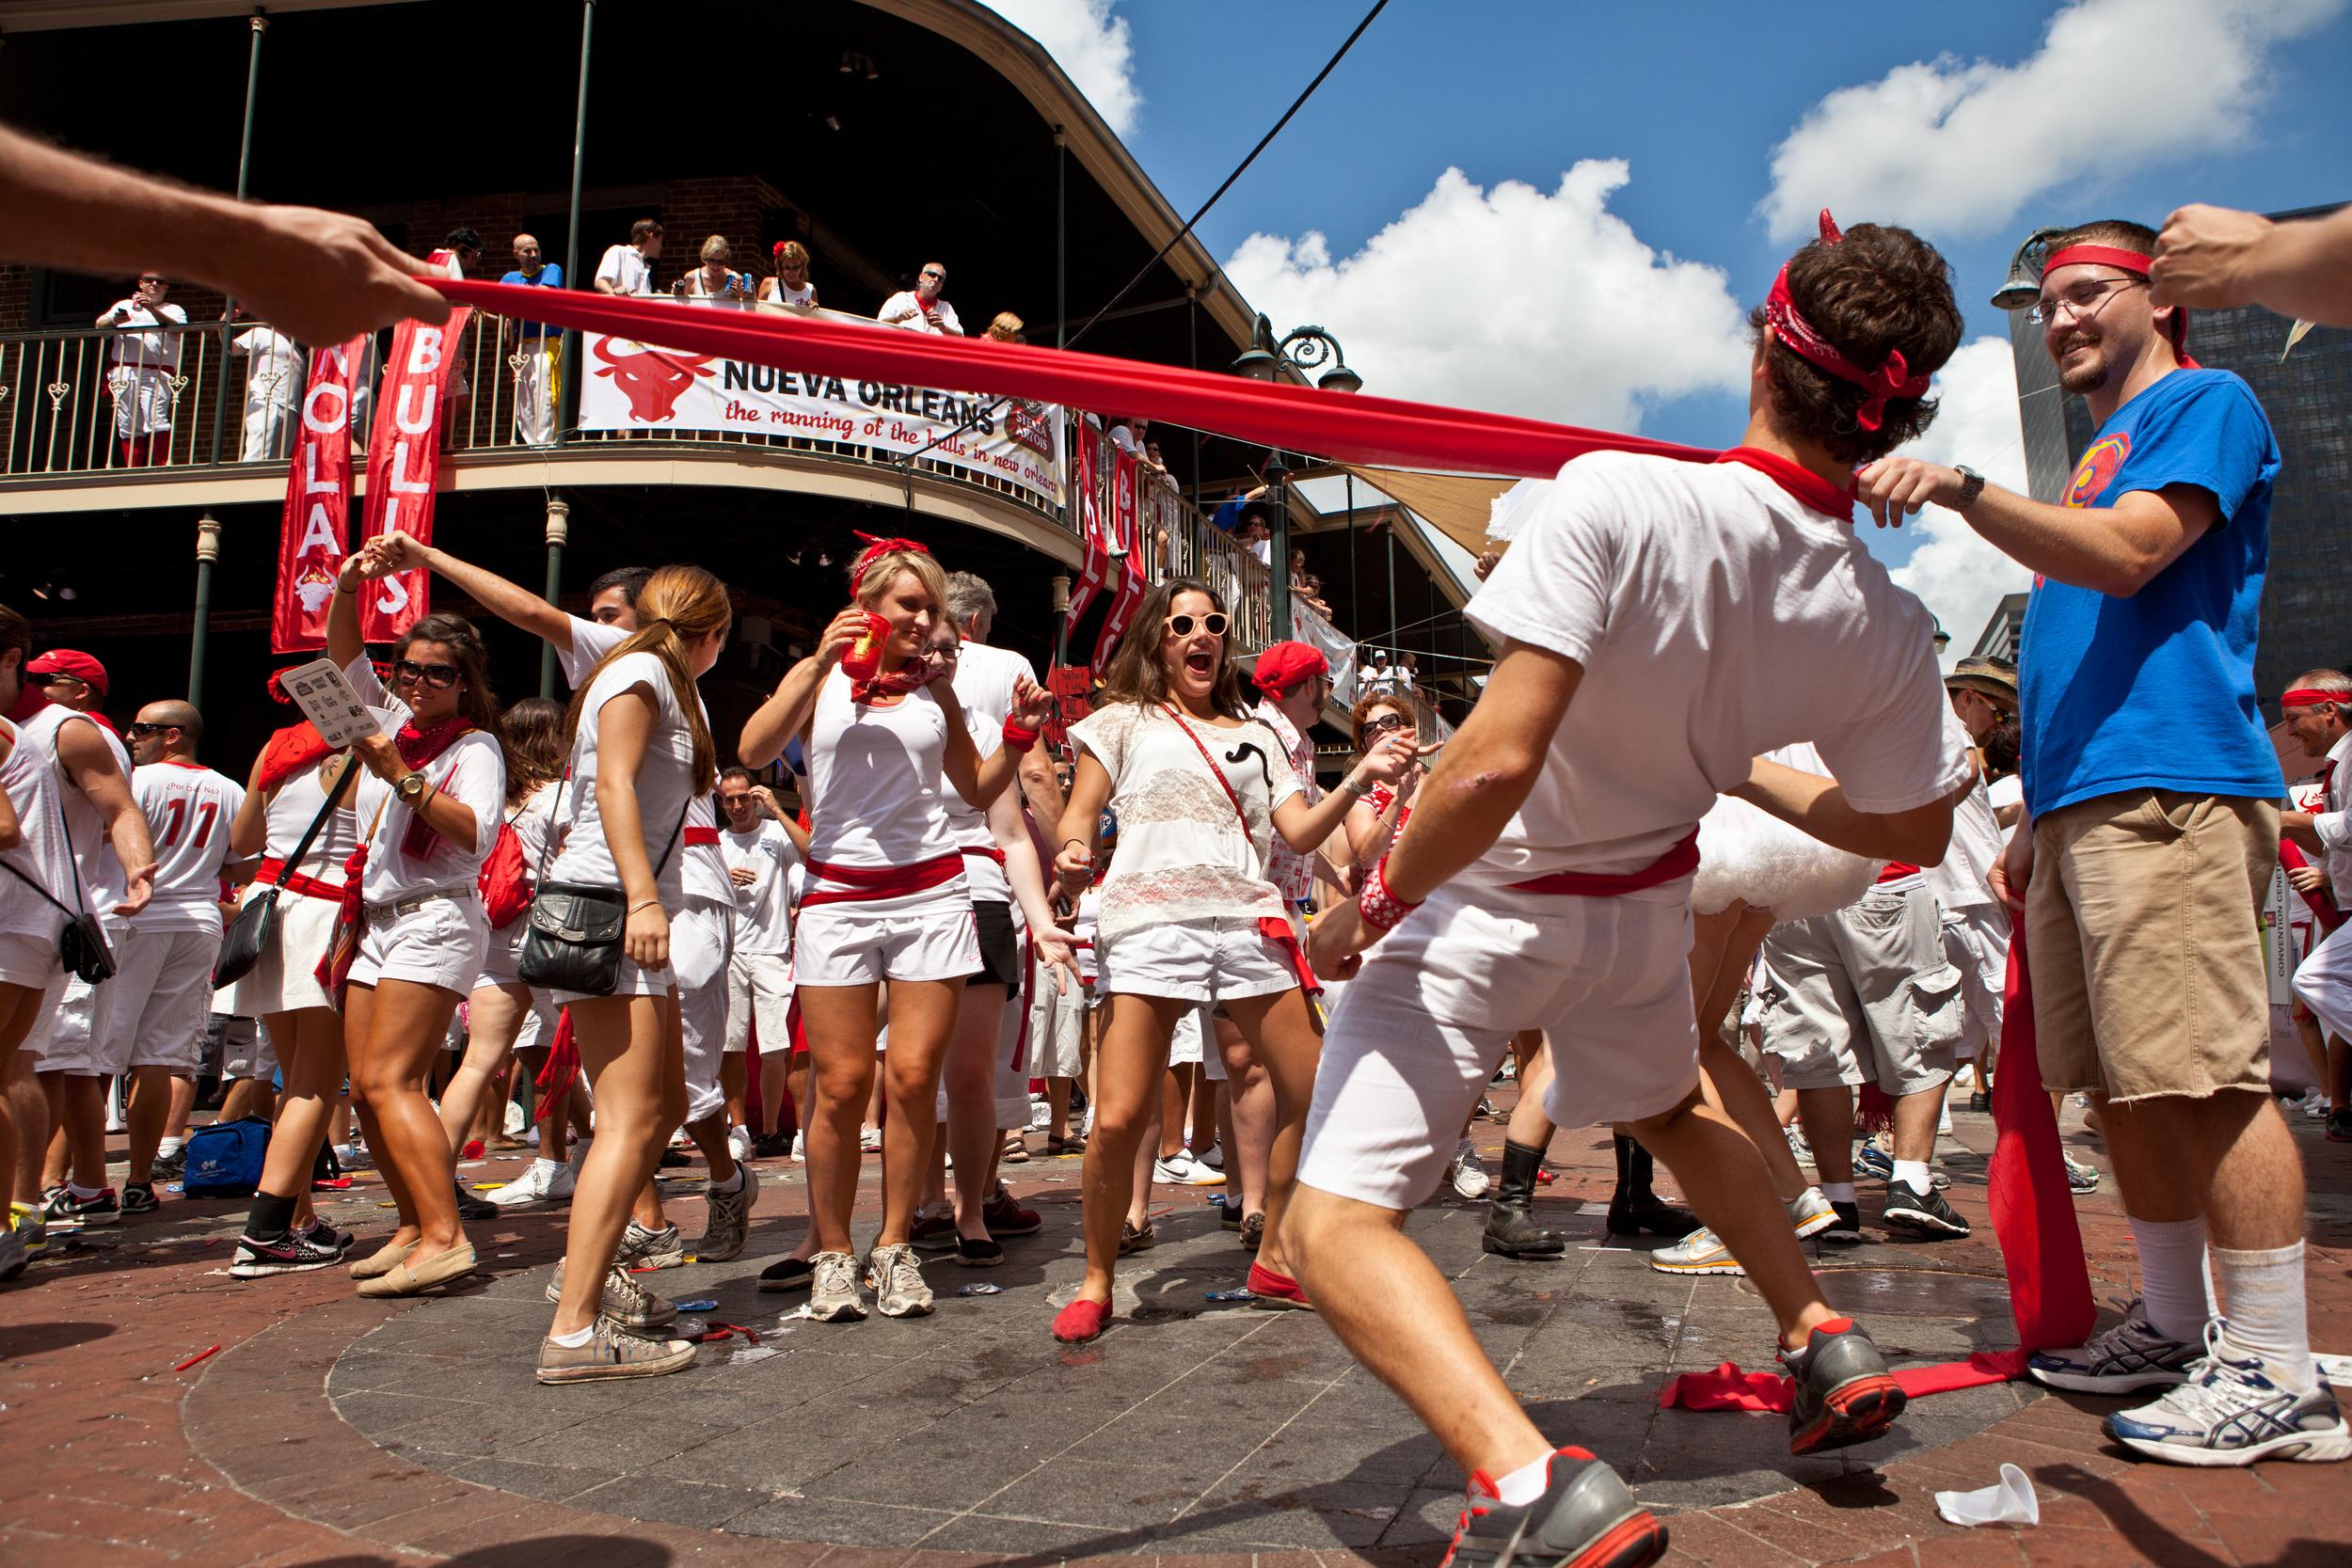 2011-07-09 Running of the Bulls - 01b.jpg